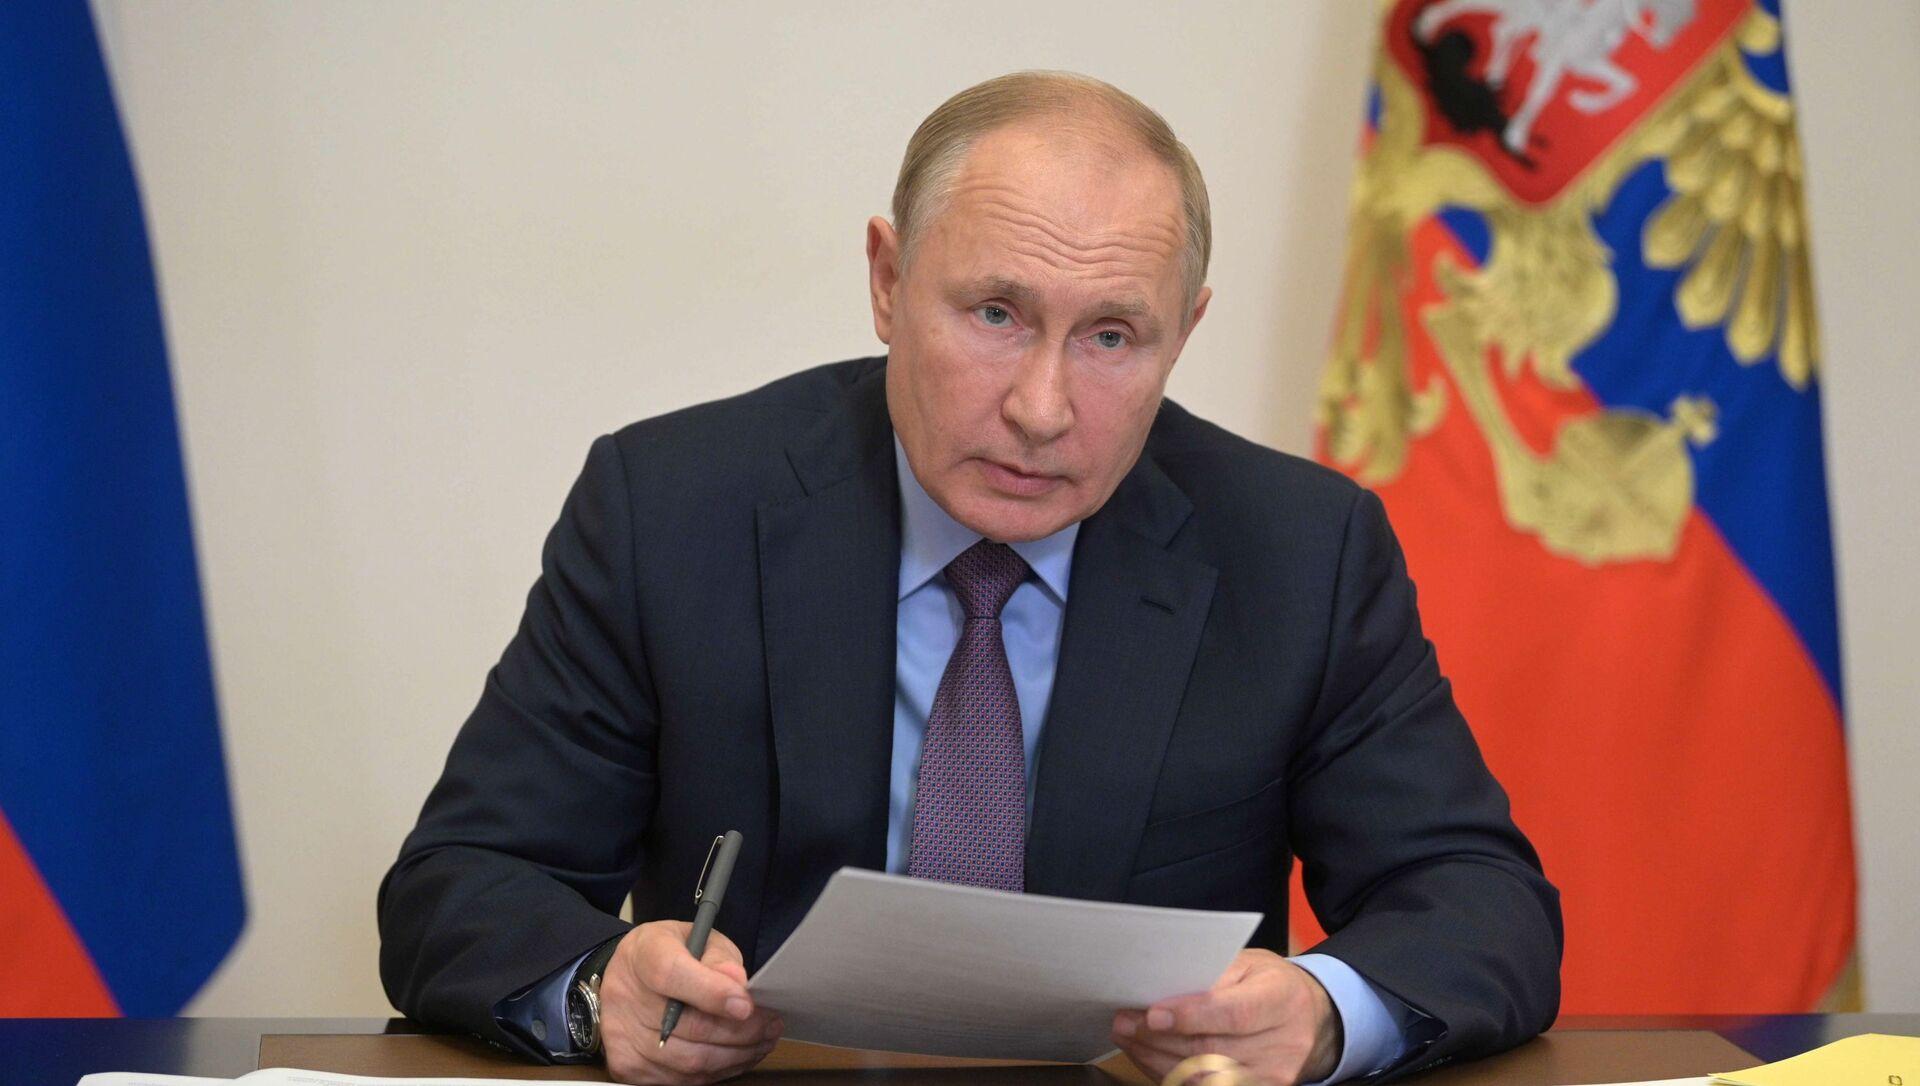 Президент РФ В. Путин провел совещание с членами правительства РФ и руководством партии Единая Россия - Sputnik Абхазия, 1920, 25.09.2021